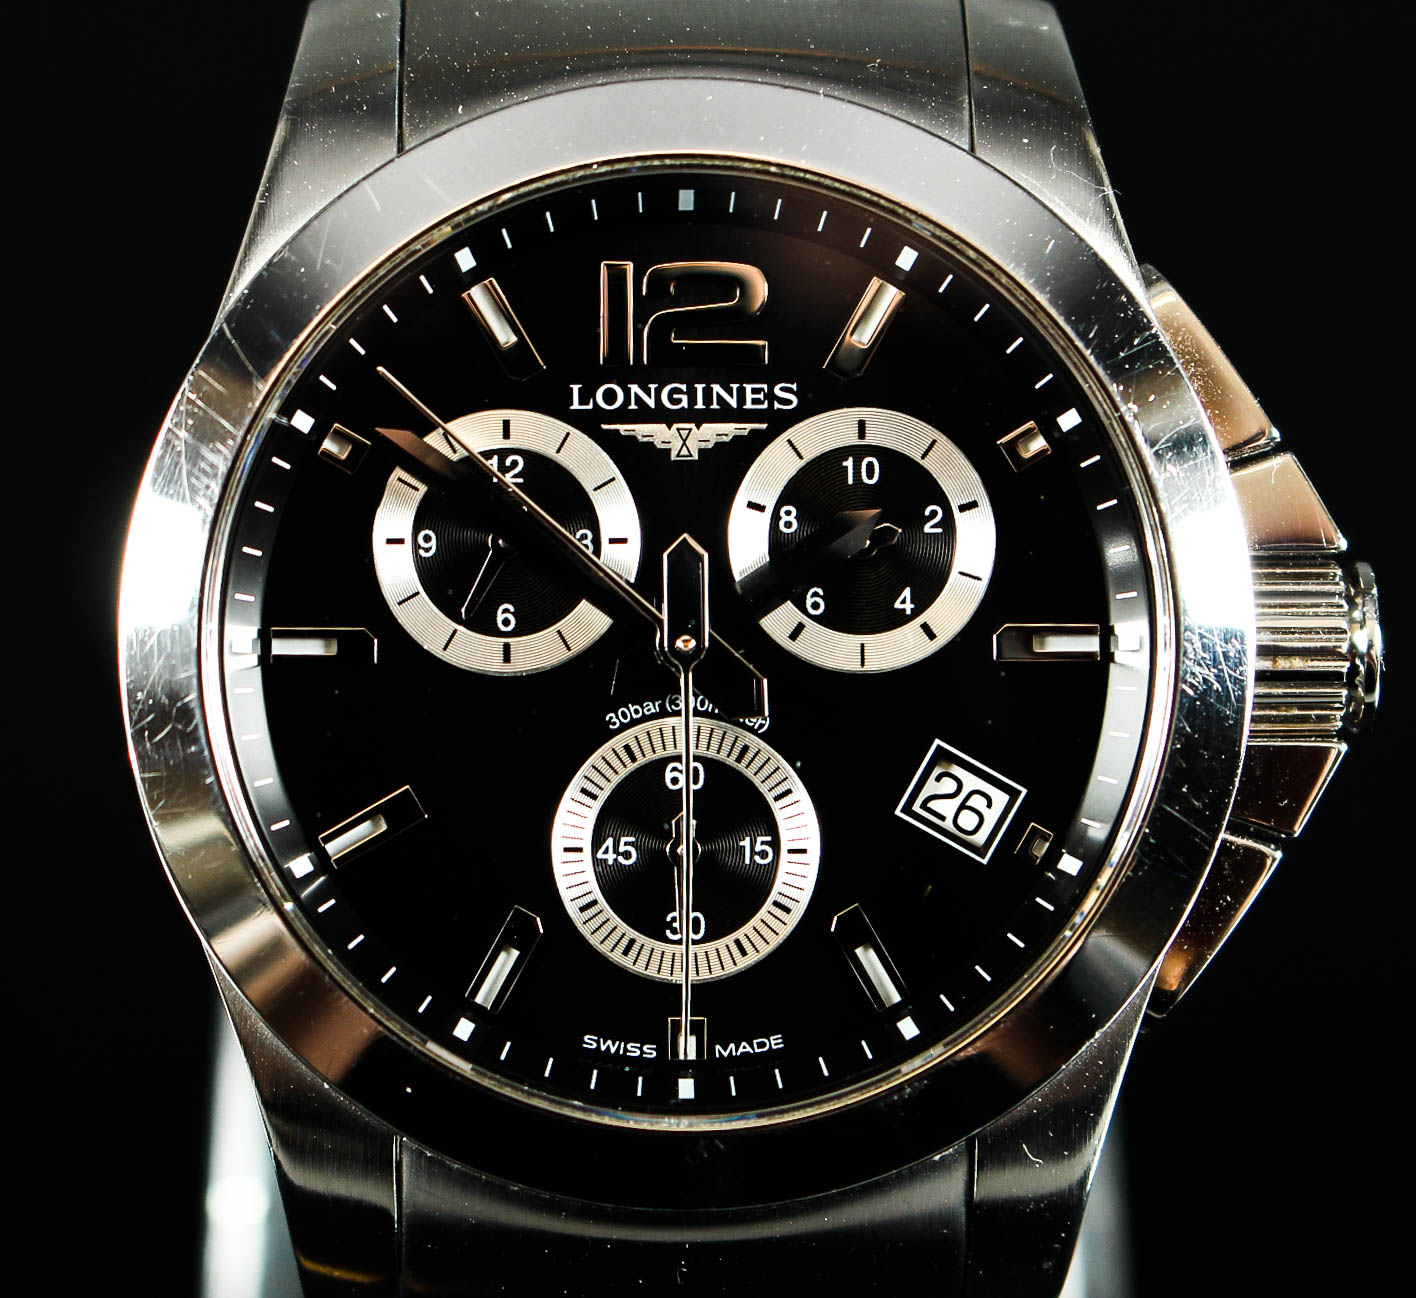 Longines kronograph armbåndsur, stål - Longines. Kronograph armbåndsur af stål med safirglas. Sort urskive med punktinddeling, time-, minut- og sekundvisere samt datoangivelse. Vandtæt. Referencenummer L36604, serienummer 37762773. Monteret med integreret leddelt lænke med foldelås....